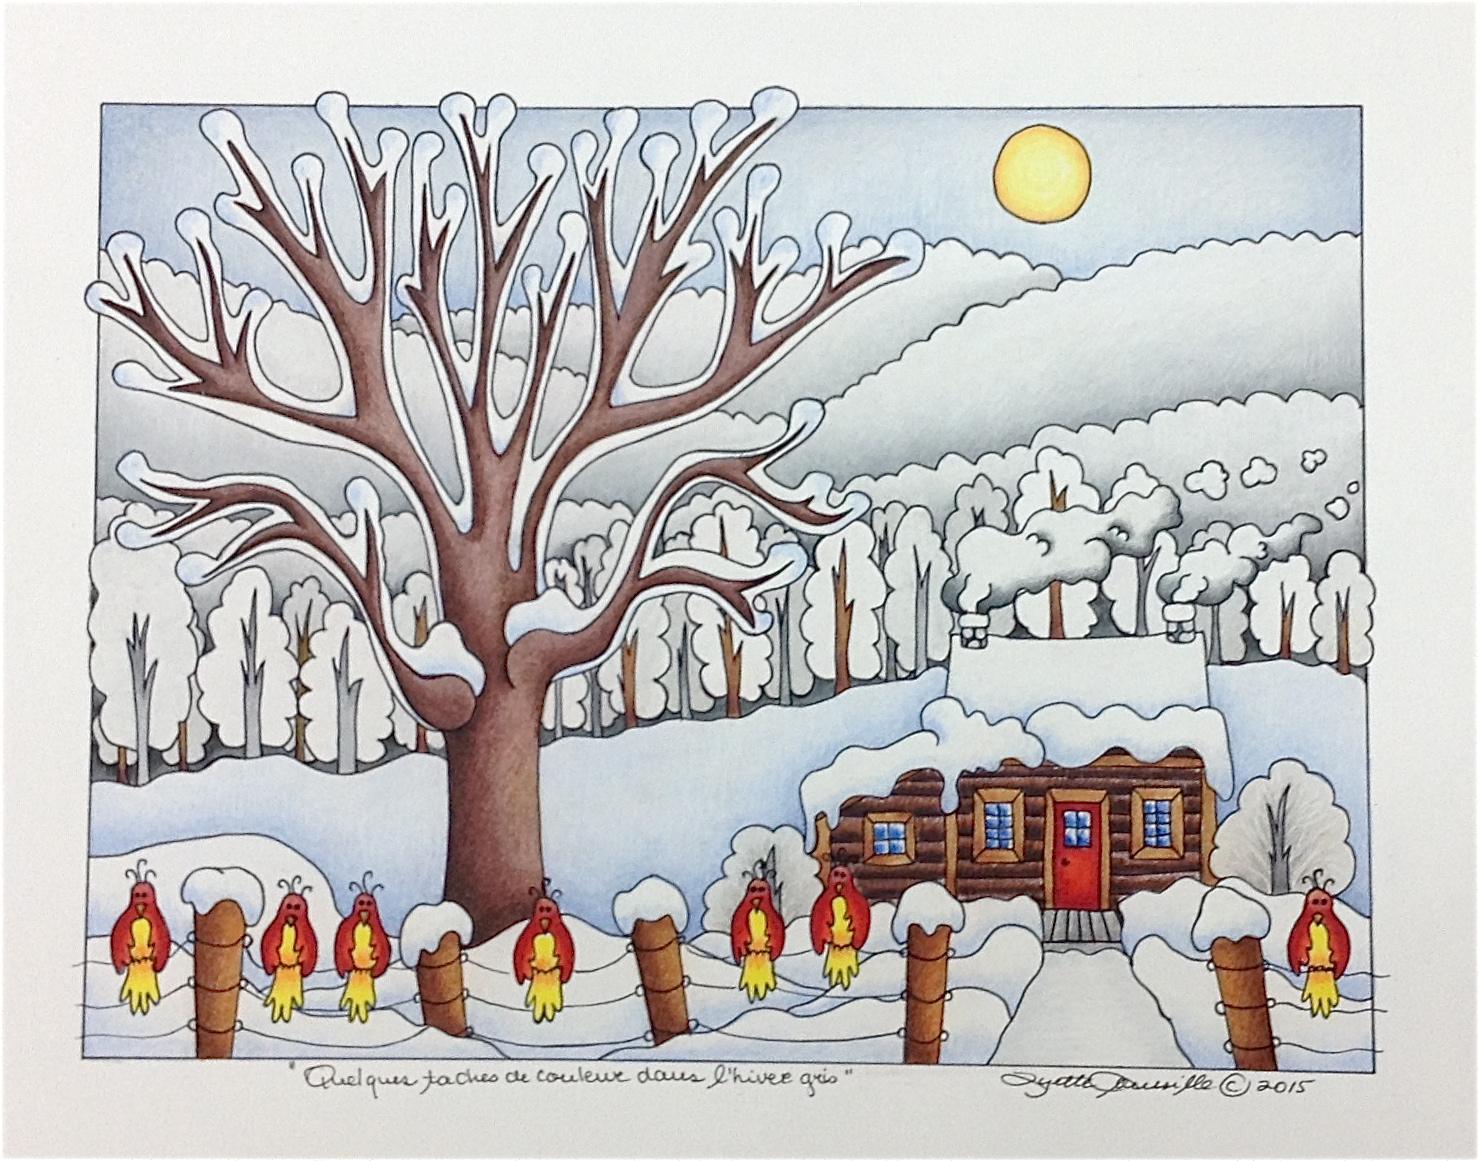 Lyette roussille illustrations quelques taches de couleur dans l 39 hiver gris - Dessin sur l hiver ...